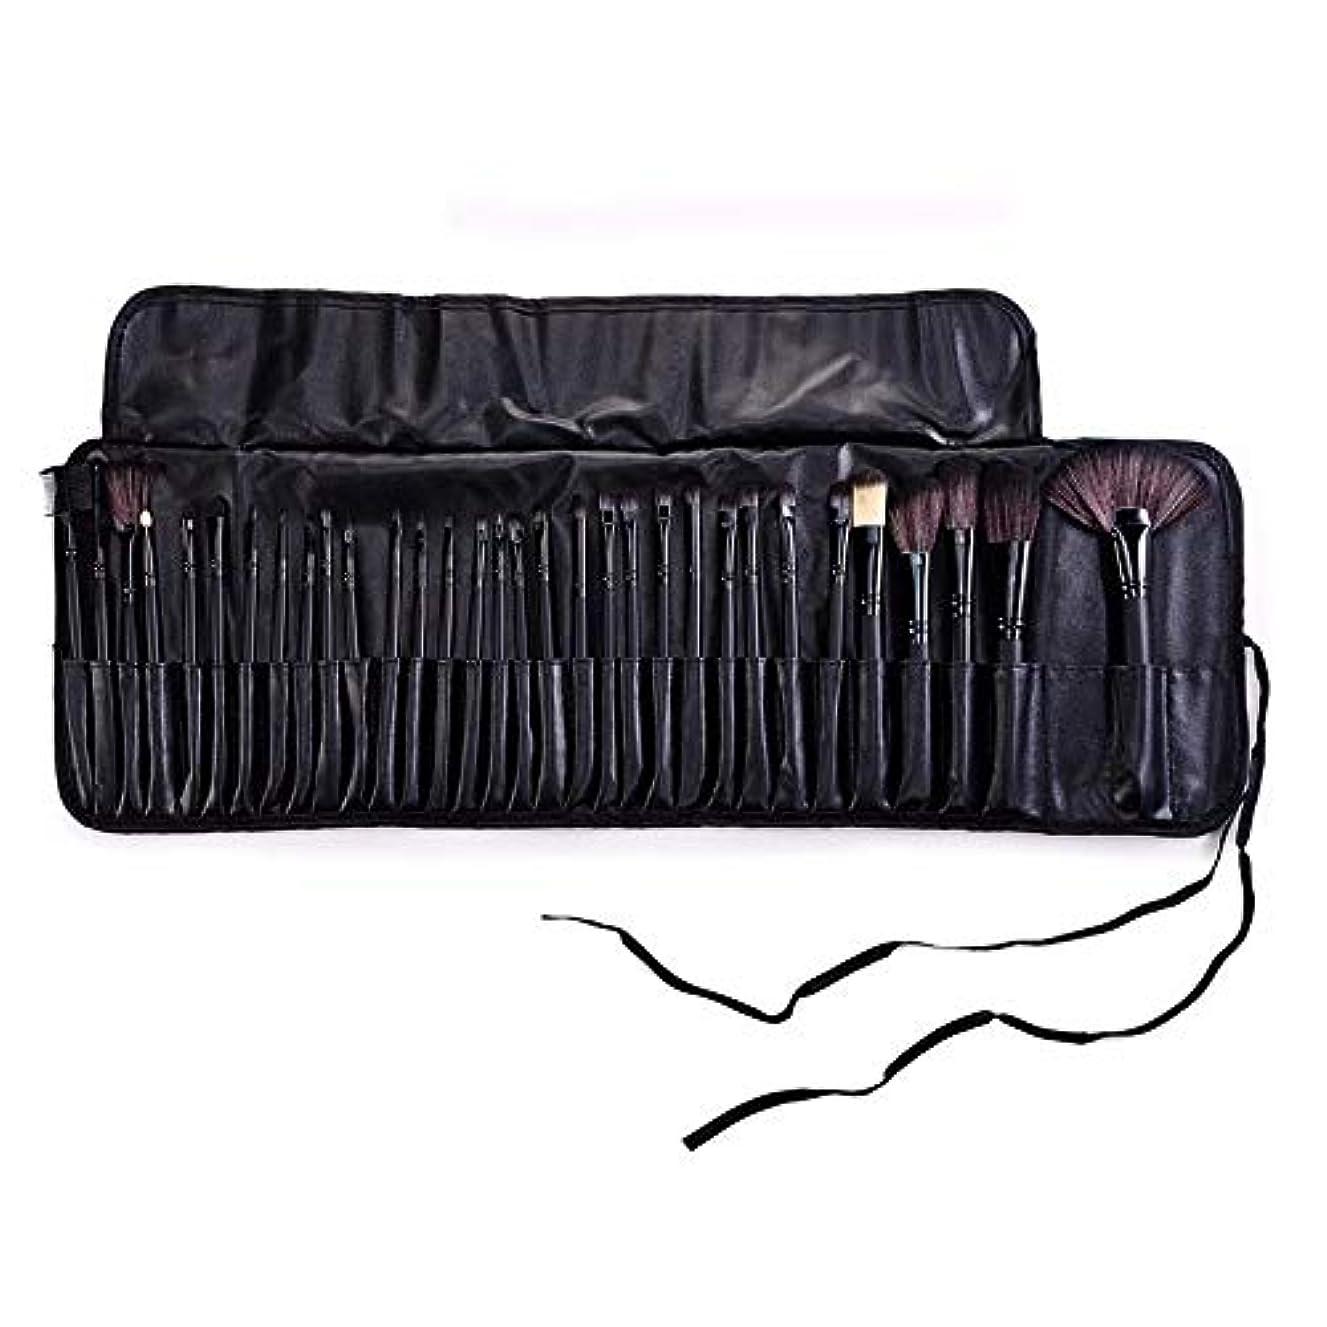 飾るバー休暇Makeup brushes ブラックバッグ32メイクブラシセットモダンな合成アイシャドウアイライナー液化ファンデーションコンシーラーミキシングブラシセット suits (Color : Black)